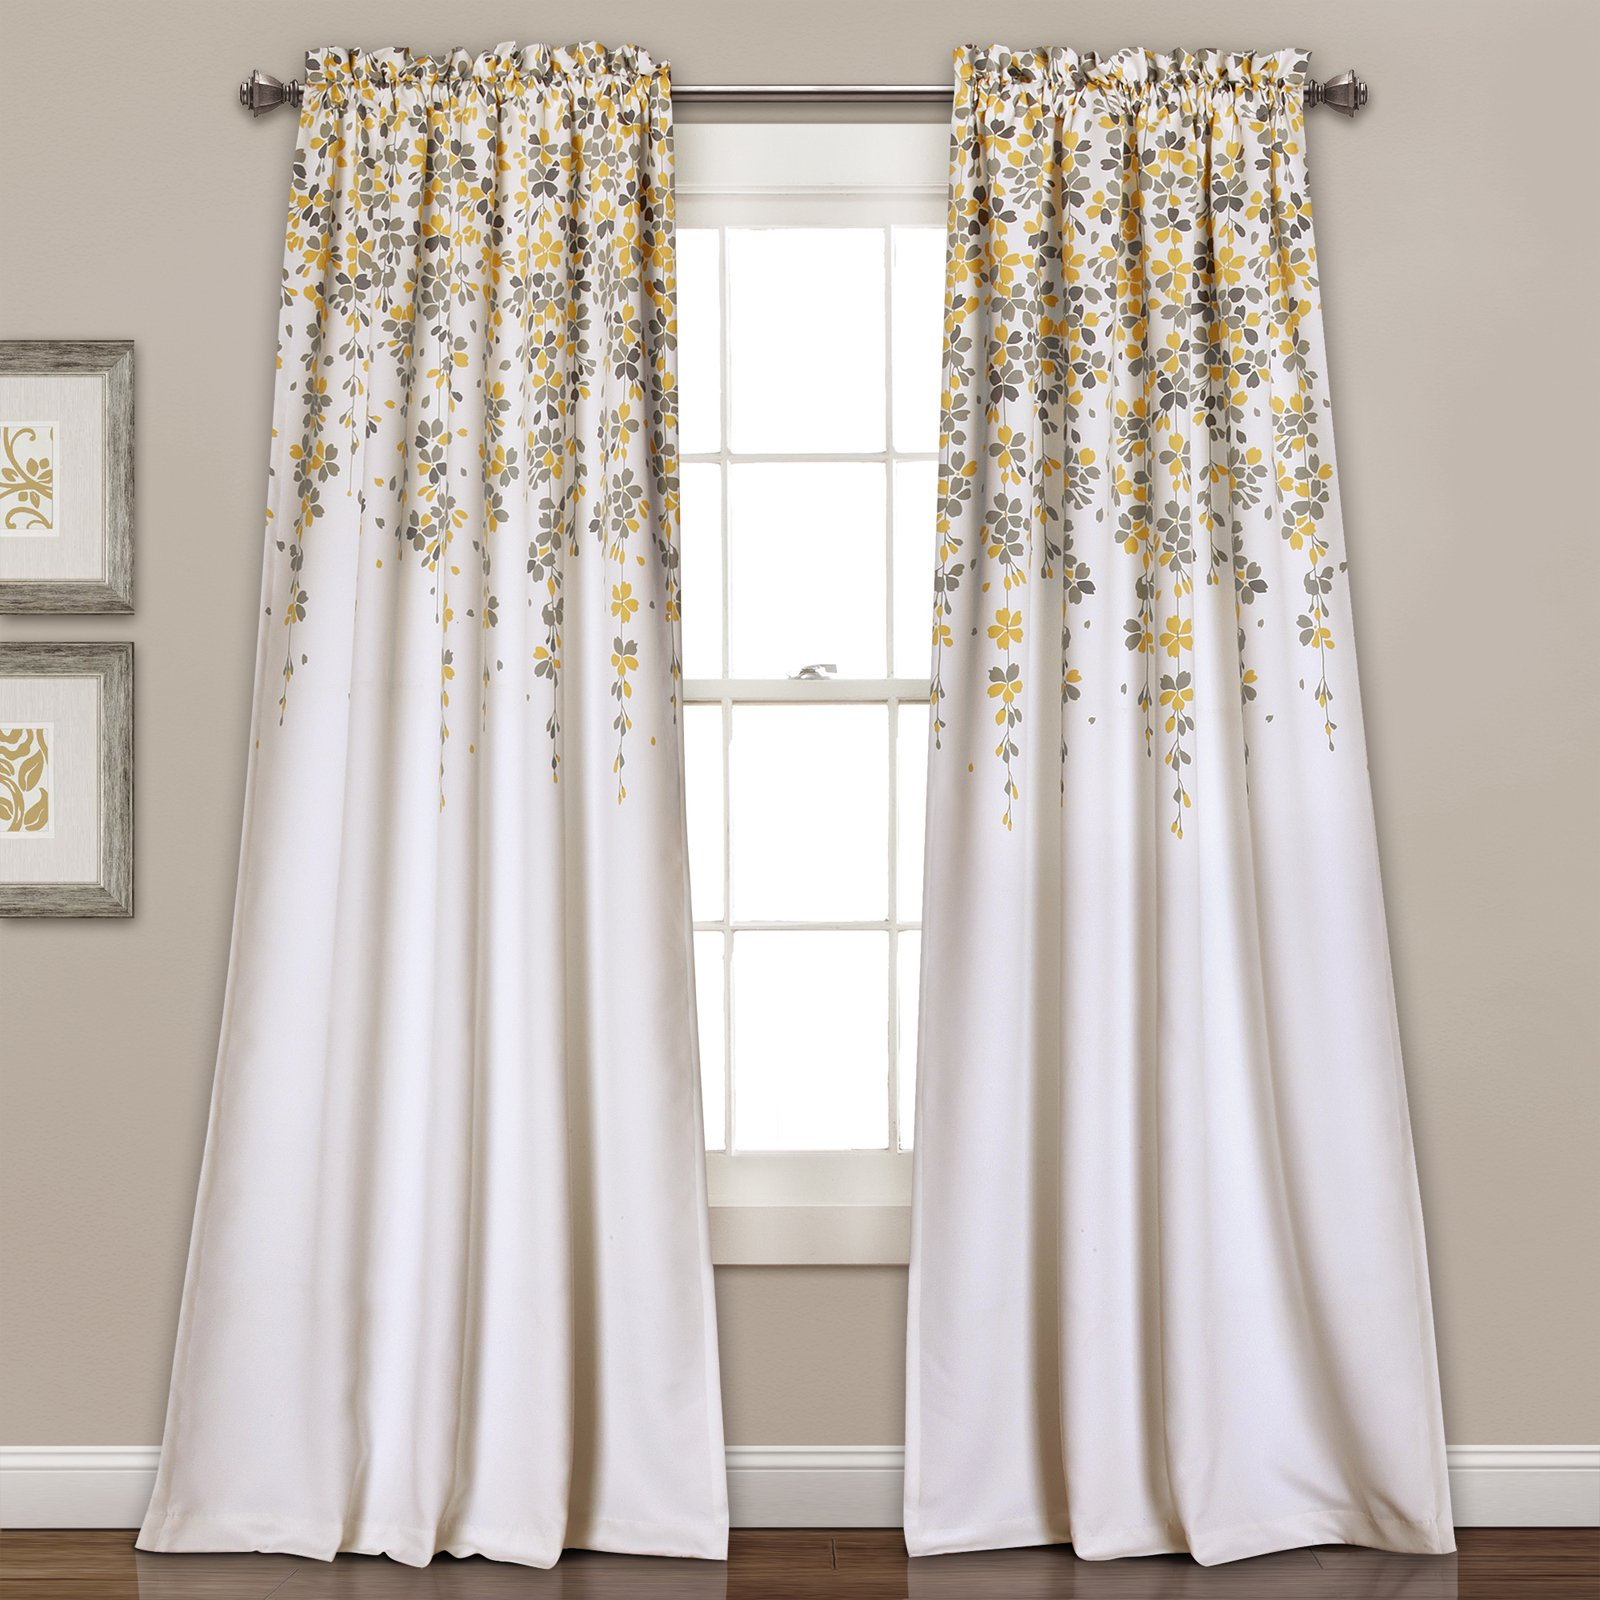 Weeping Flowers Room Darkening Window Curtain Set by Generic